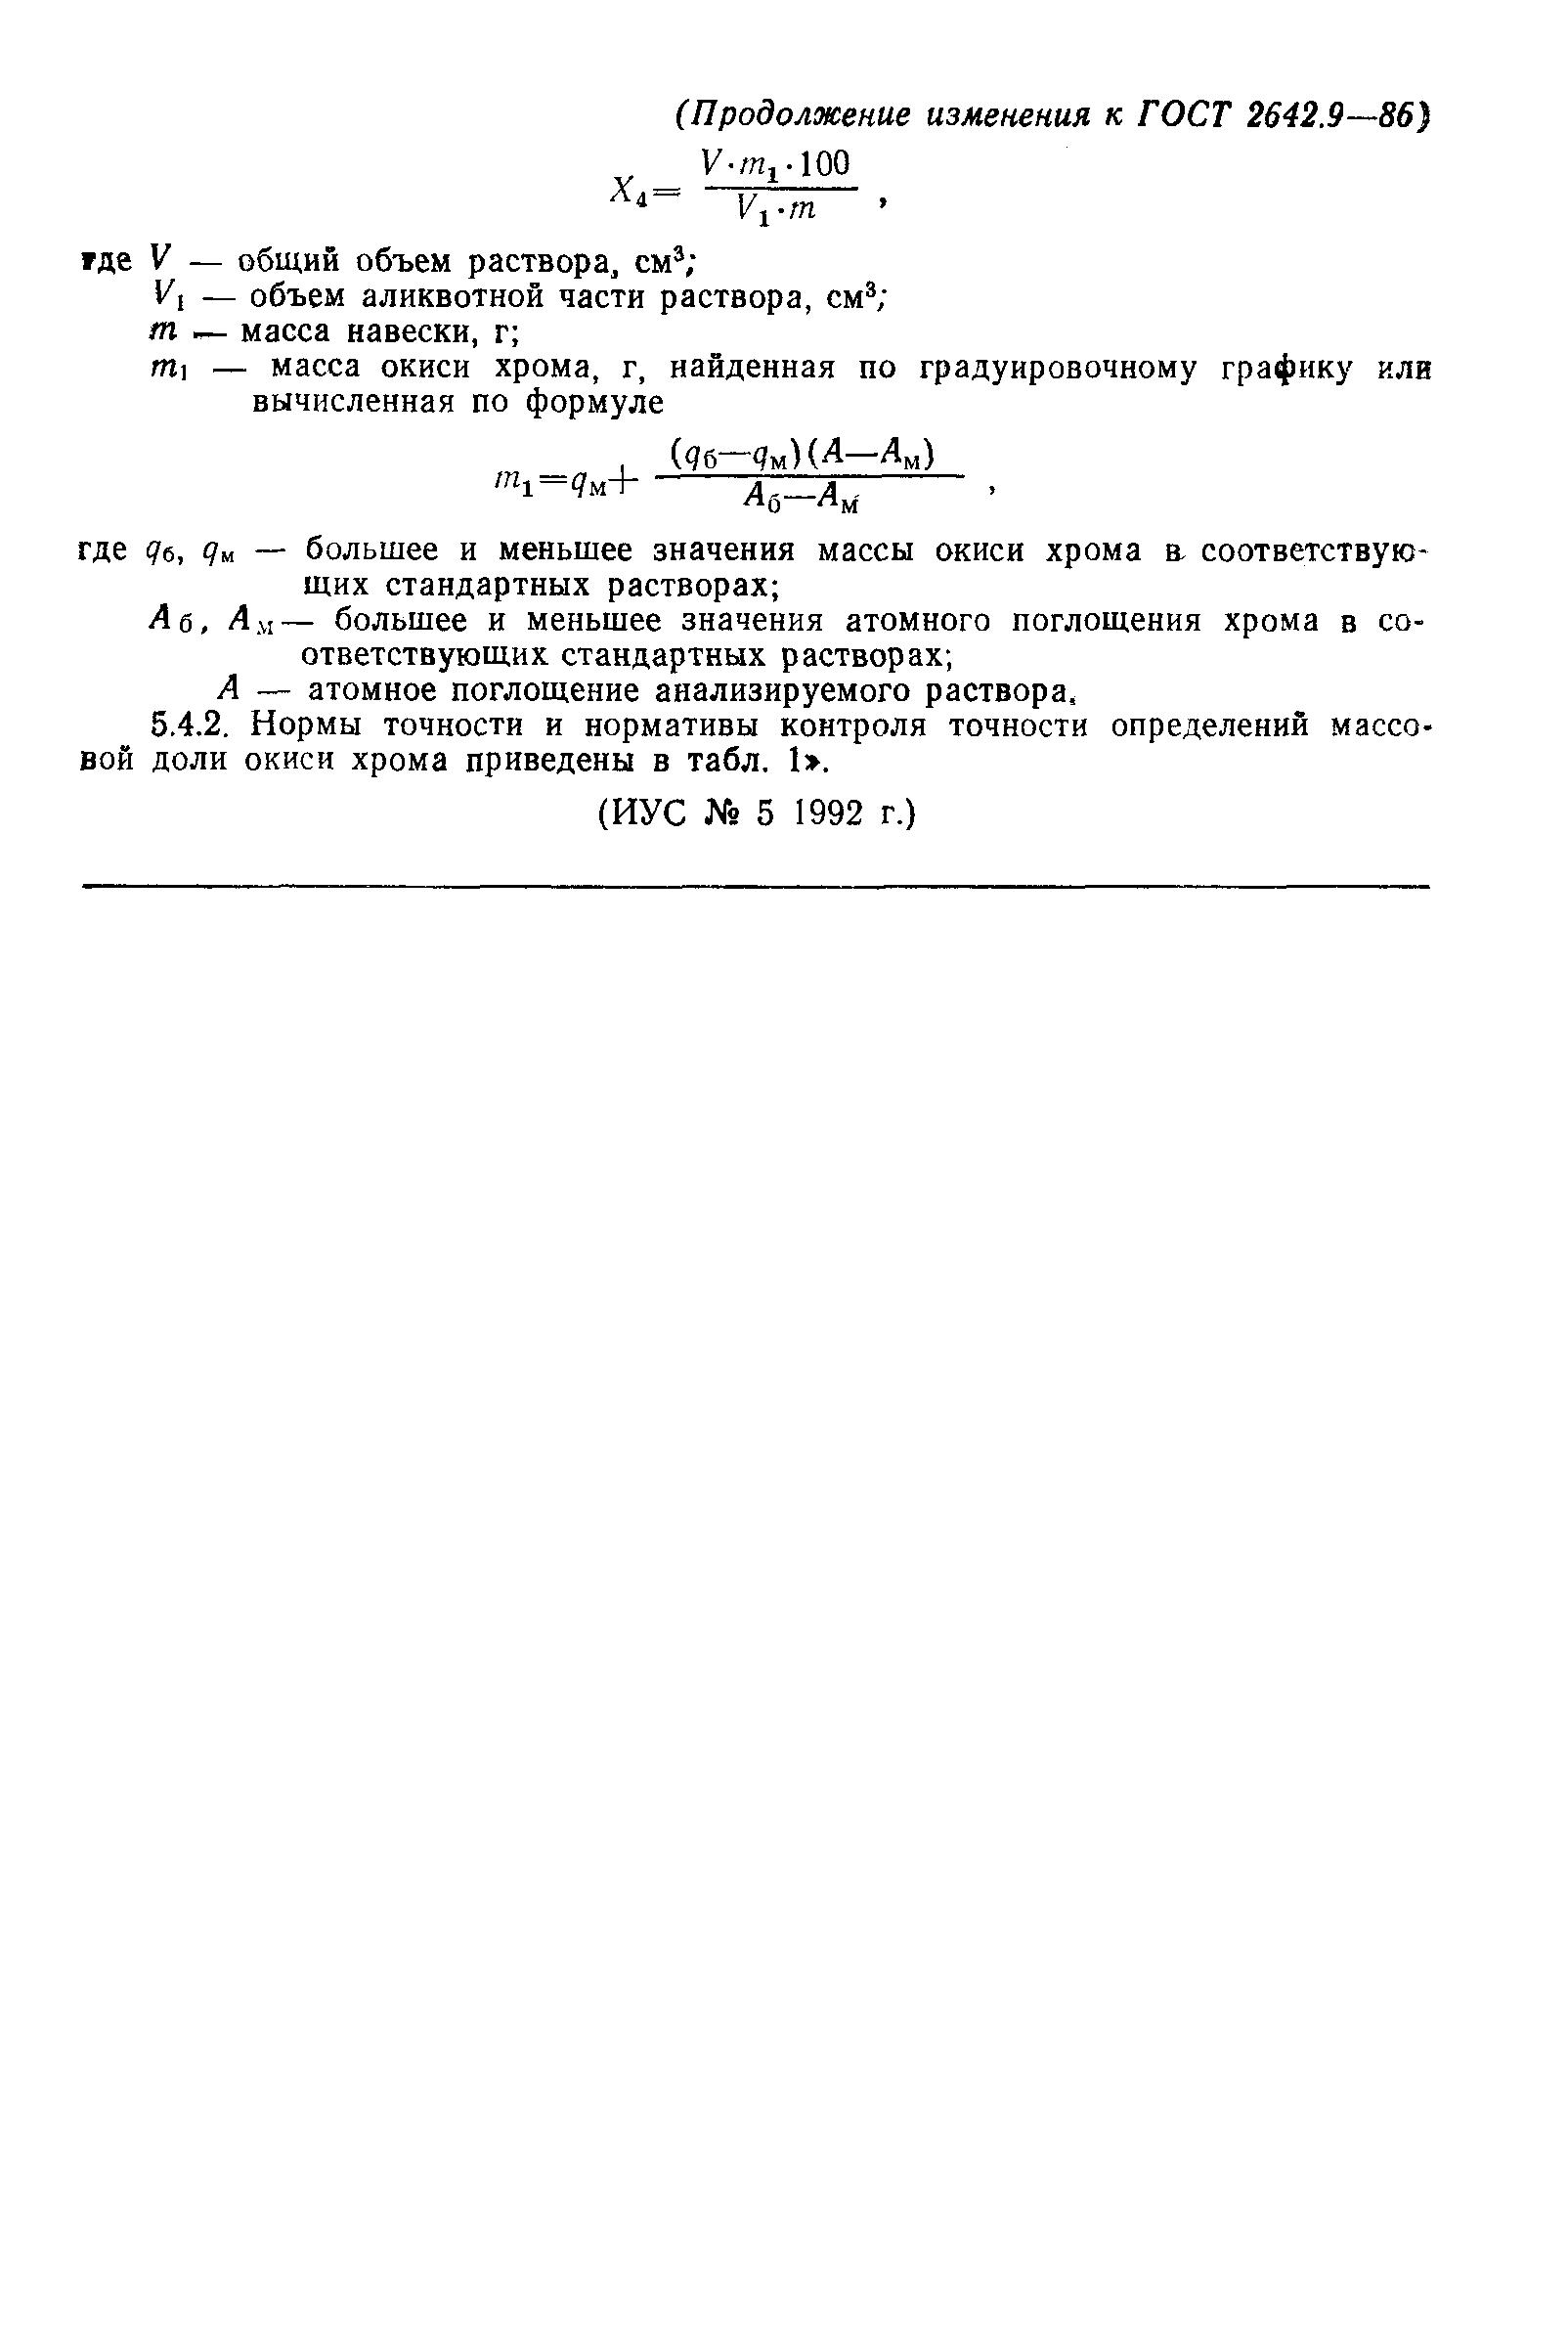 ГОСТ 2642.9-86. Страница 13